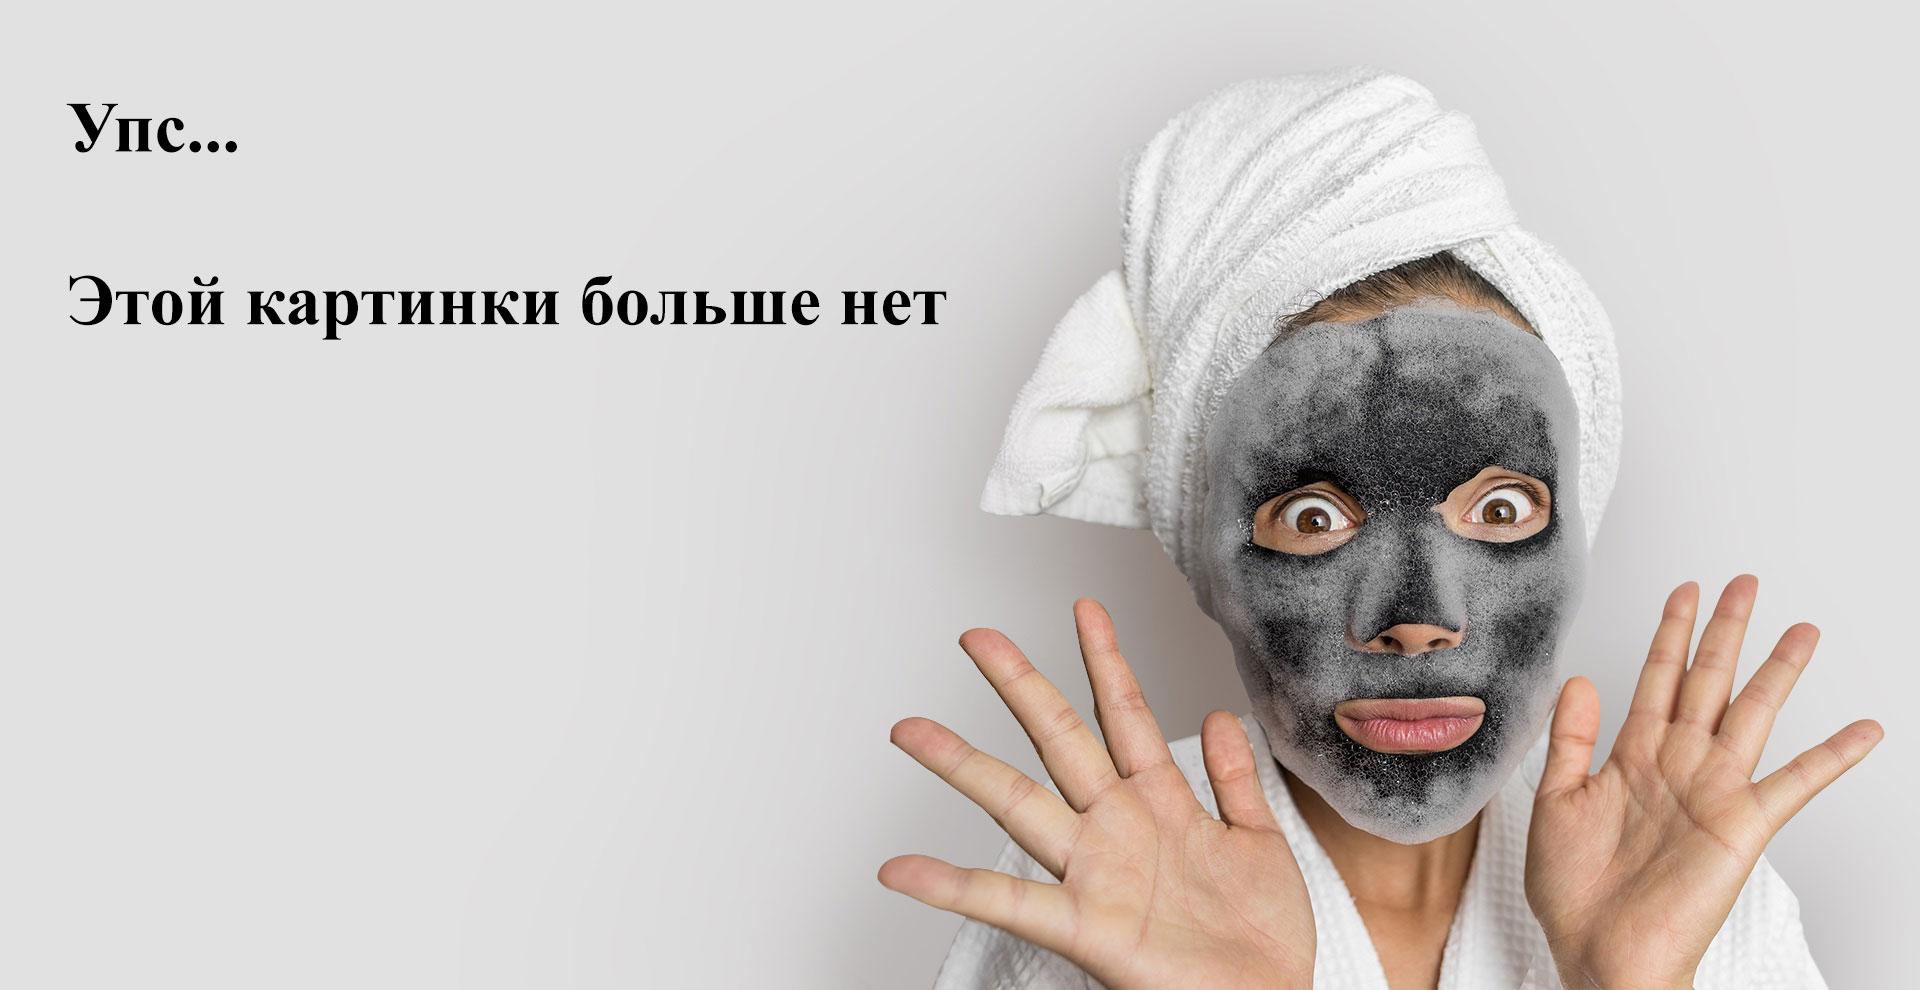 ruNail, Жемчужная пыль для втирки №4466